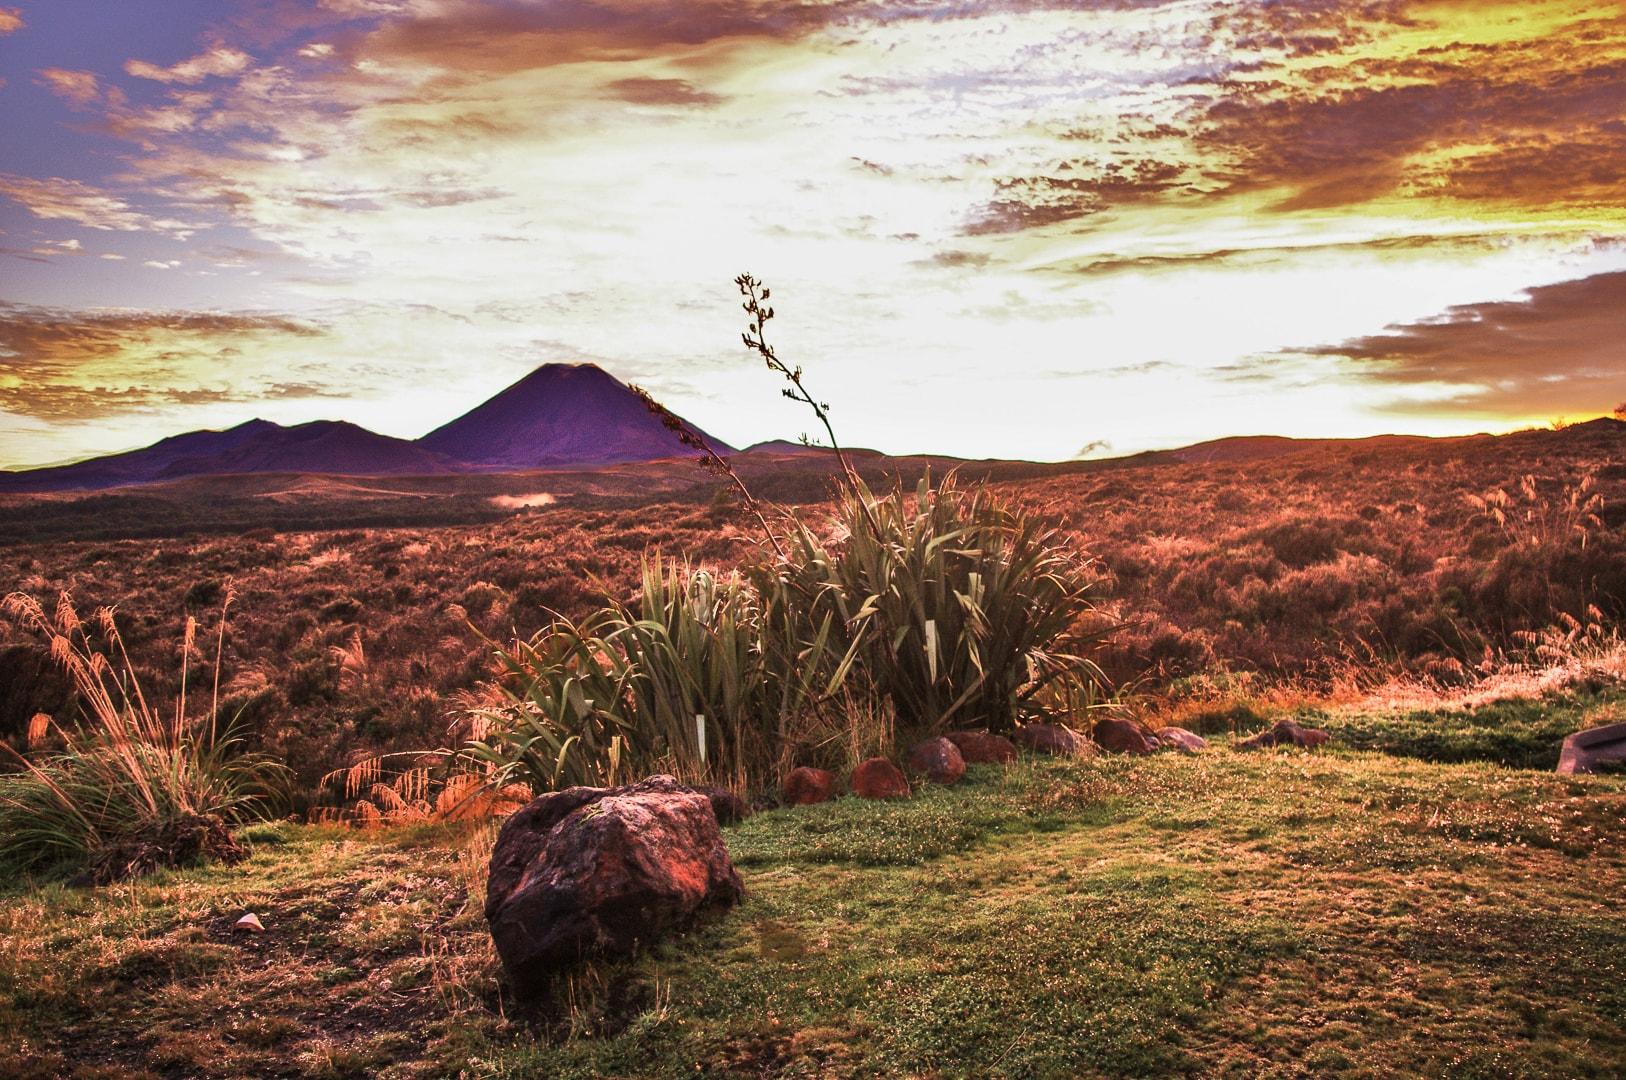 trezors-photography-photographe-professionnel-toulouse-31-voyage-paysage-new-zealand.jpg (4)